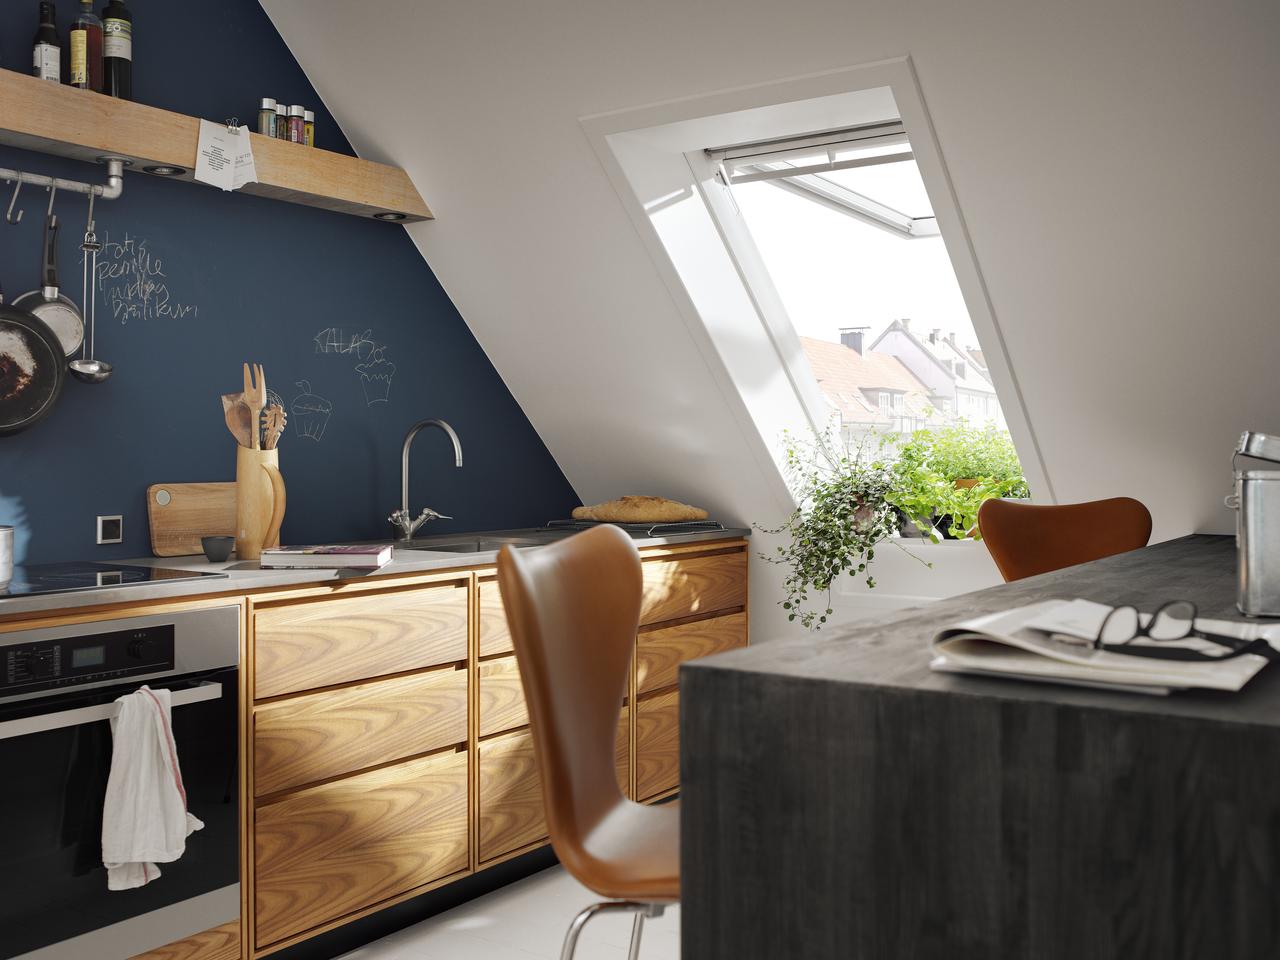 Wohnen, Einrichtung, Wohnträume, Innenarchitektur, Wohndesign ...